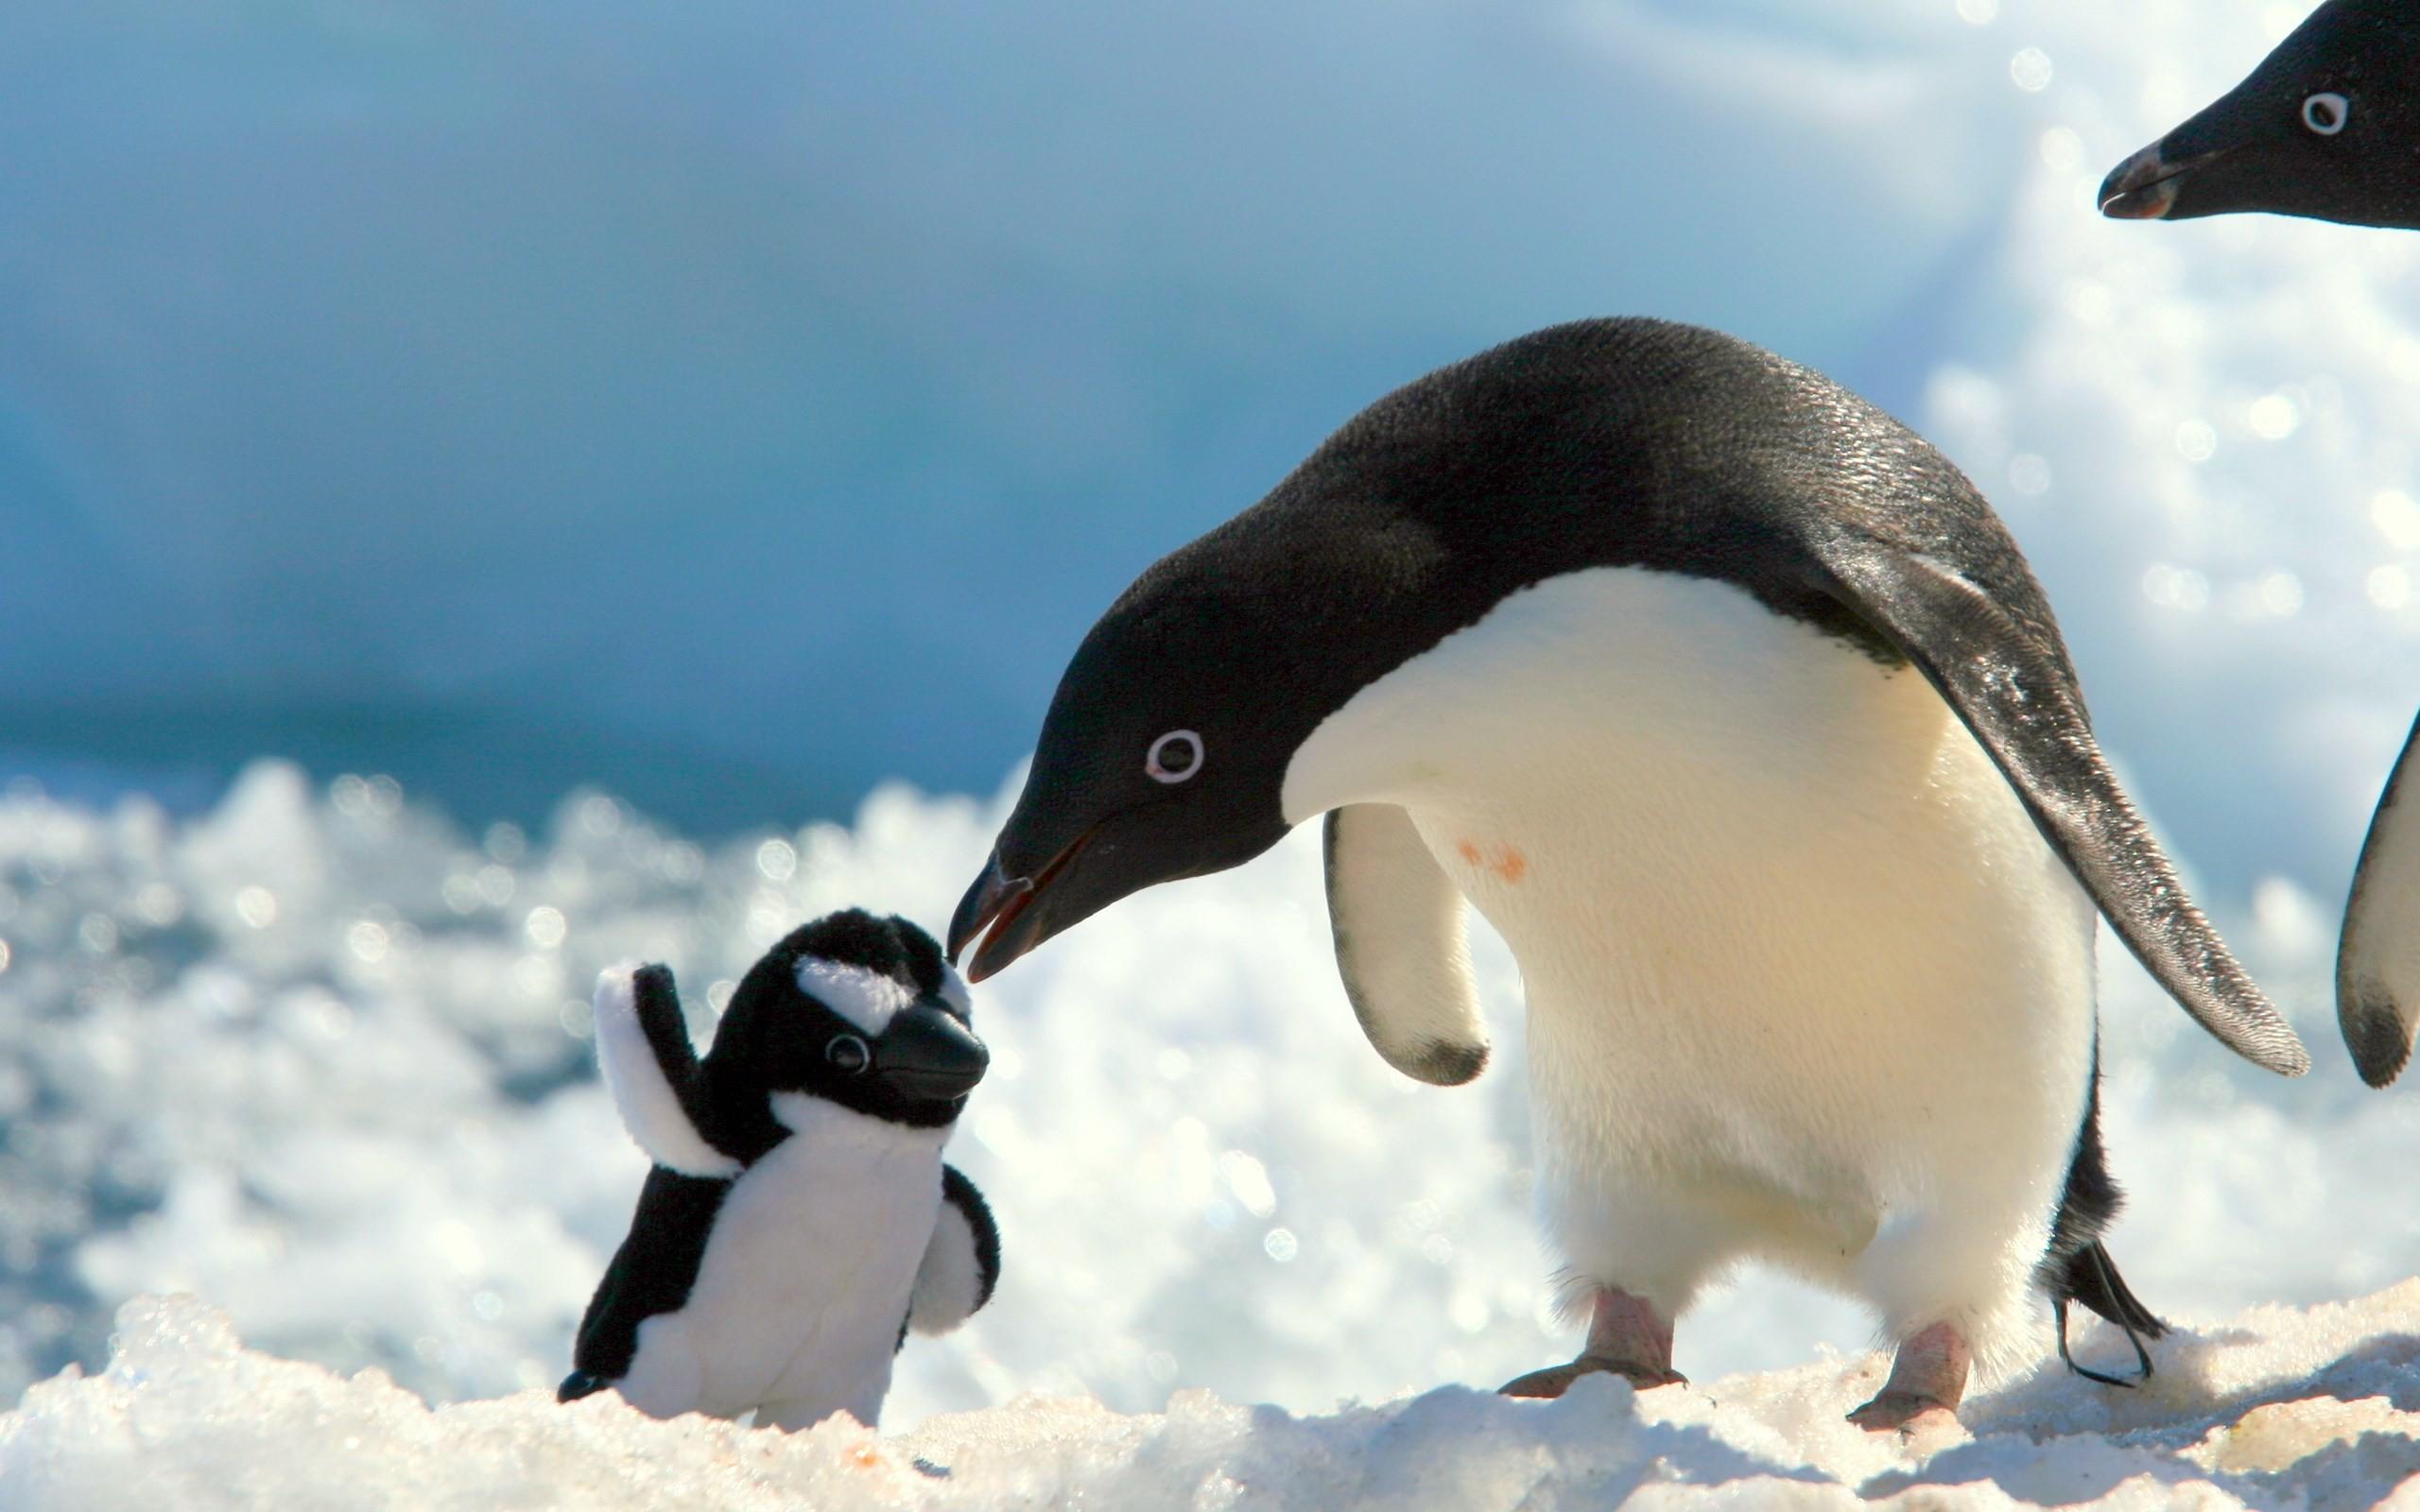 penguin wallpaper screensavers 56 images